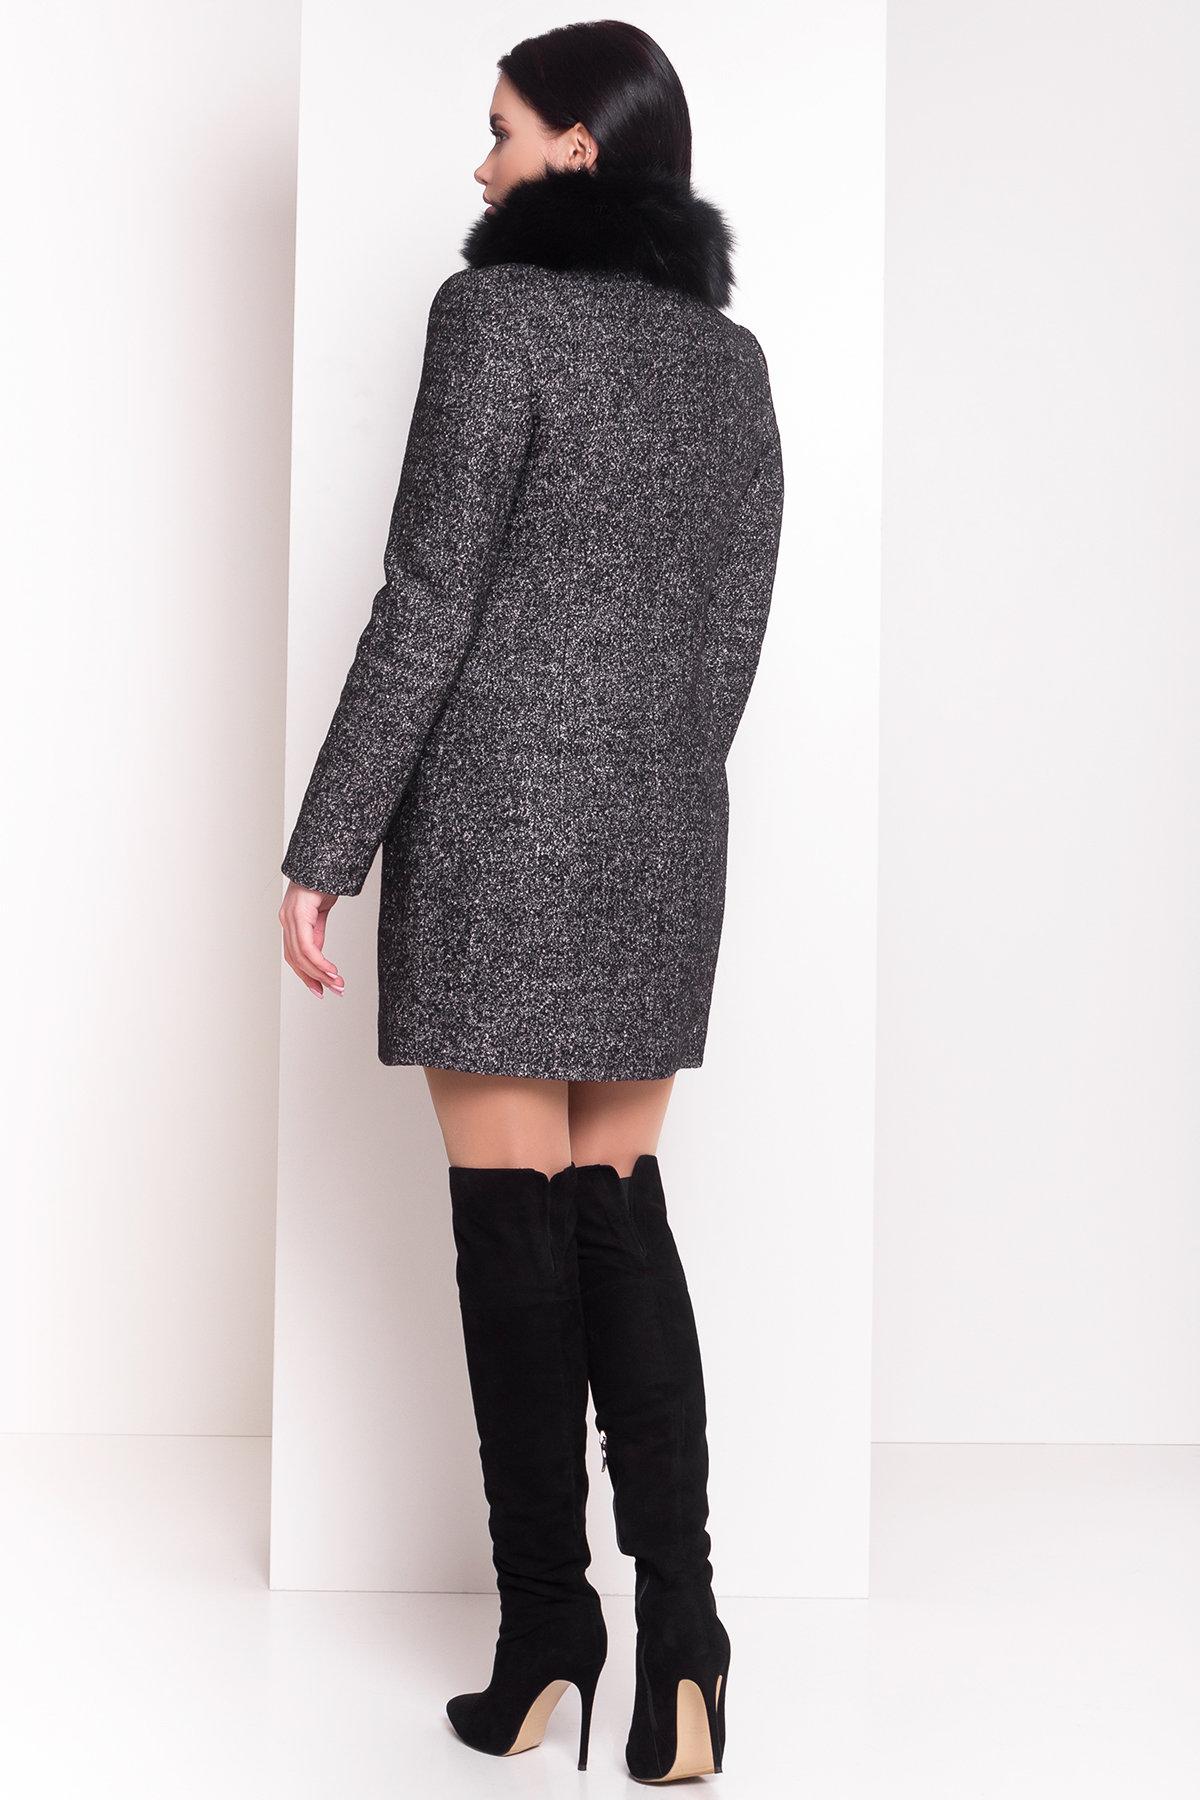 Пальто зима Сан-Ремо АРТ. 8059 Цвет: Черный/ серый - фото 2, интернет магазин tm-modus.ru